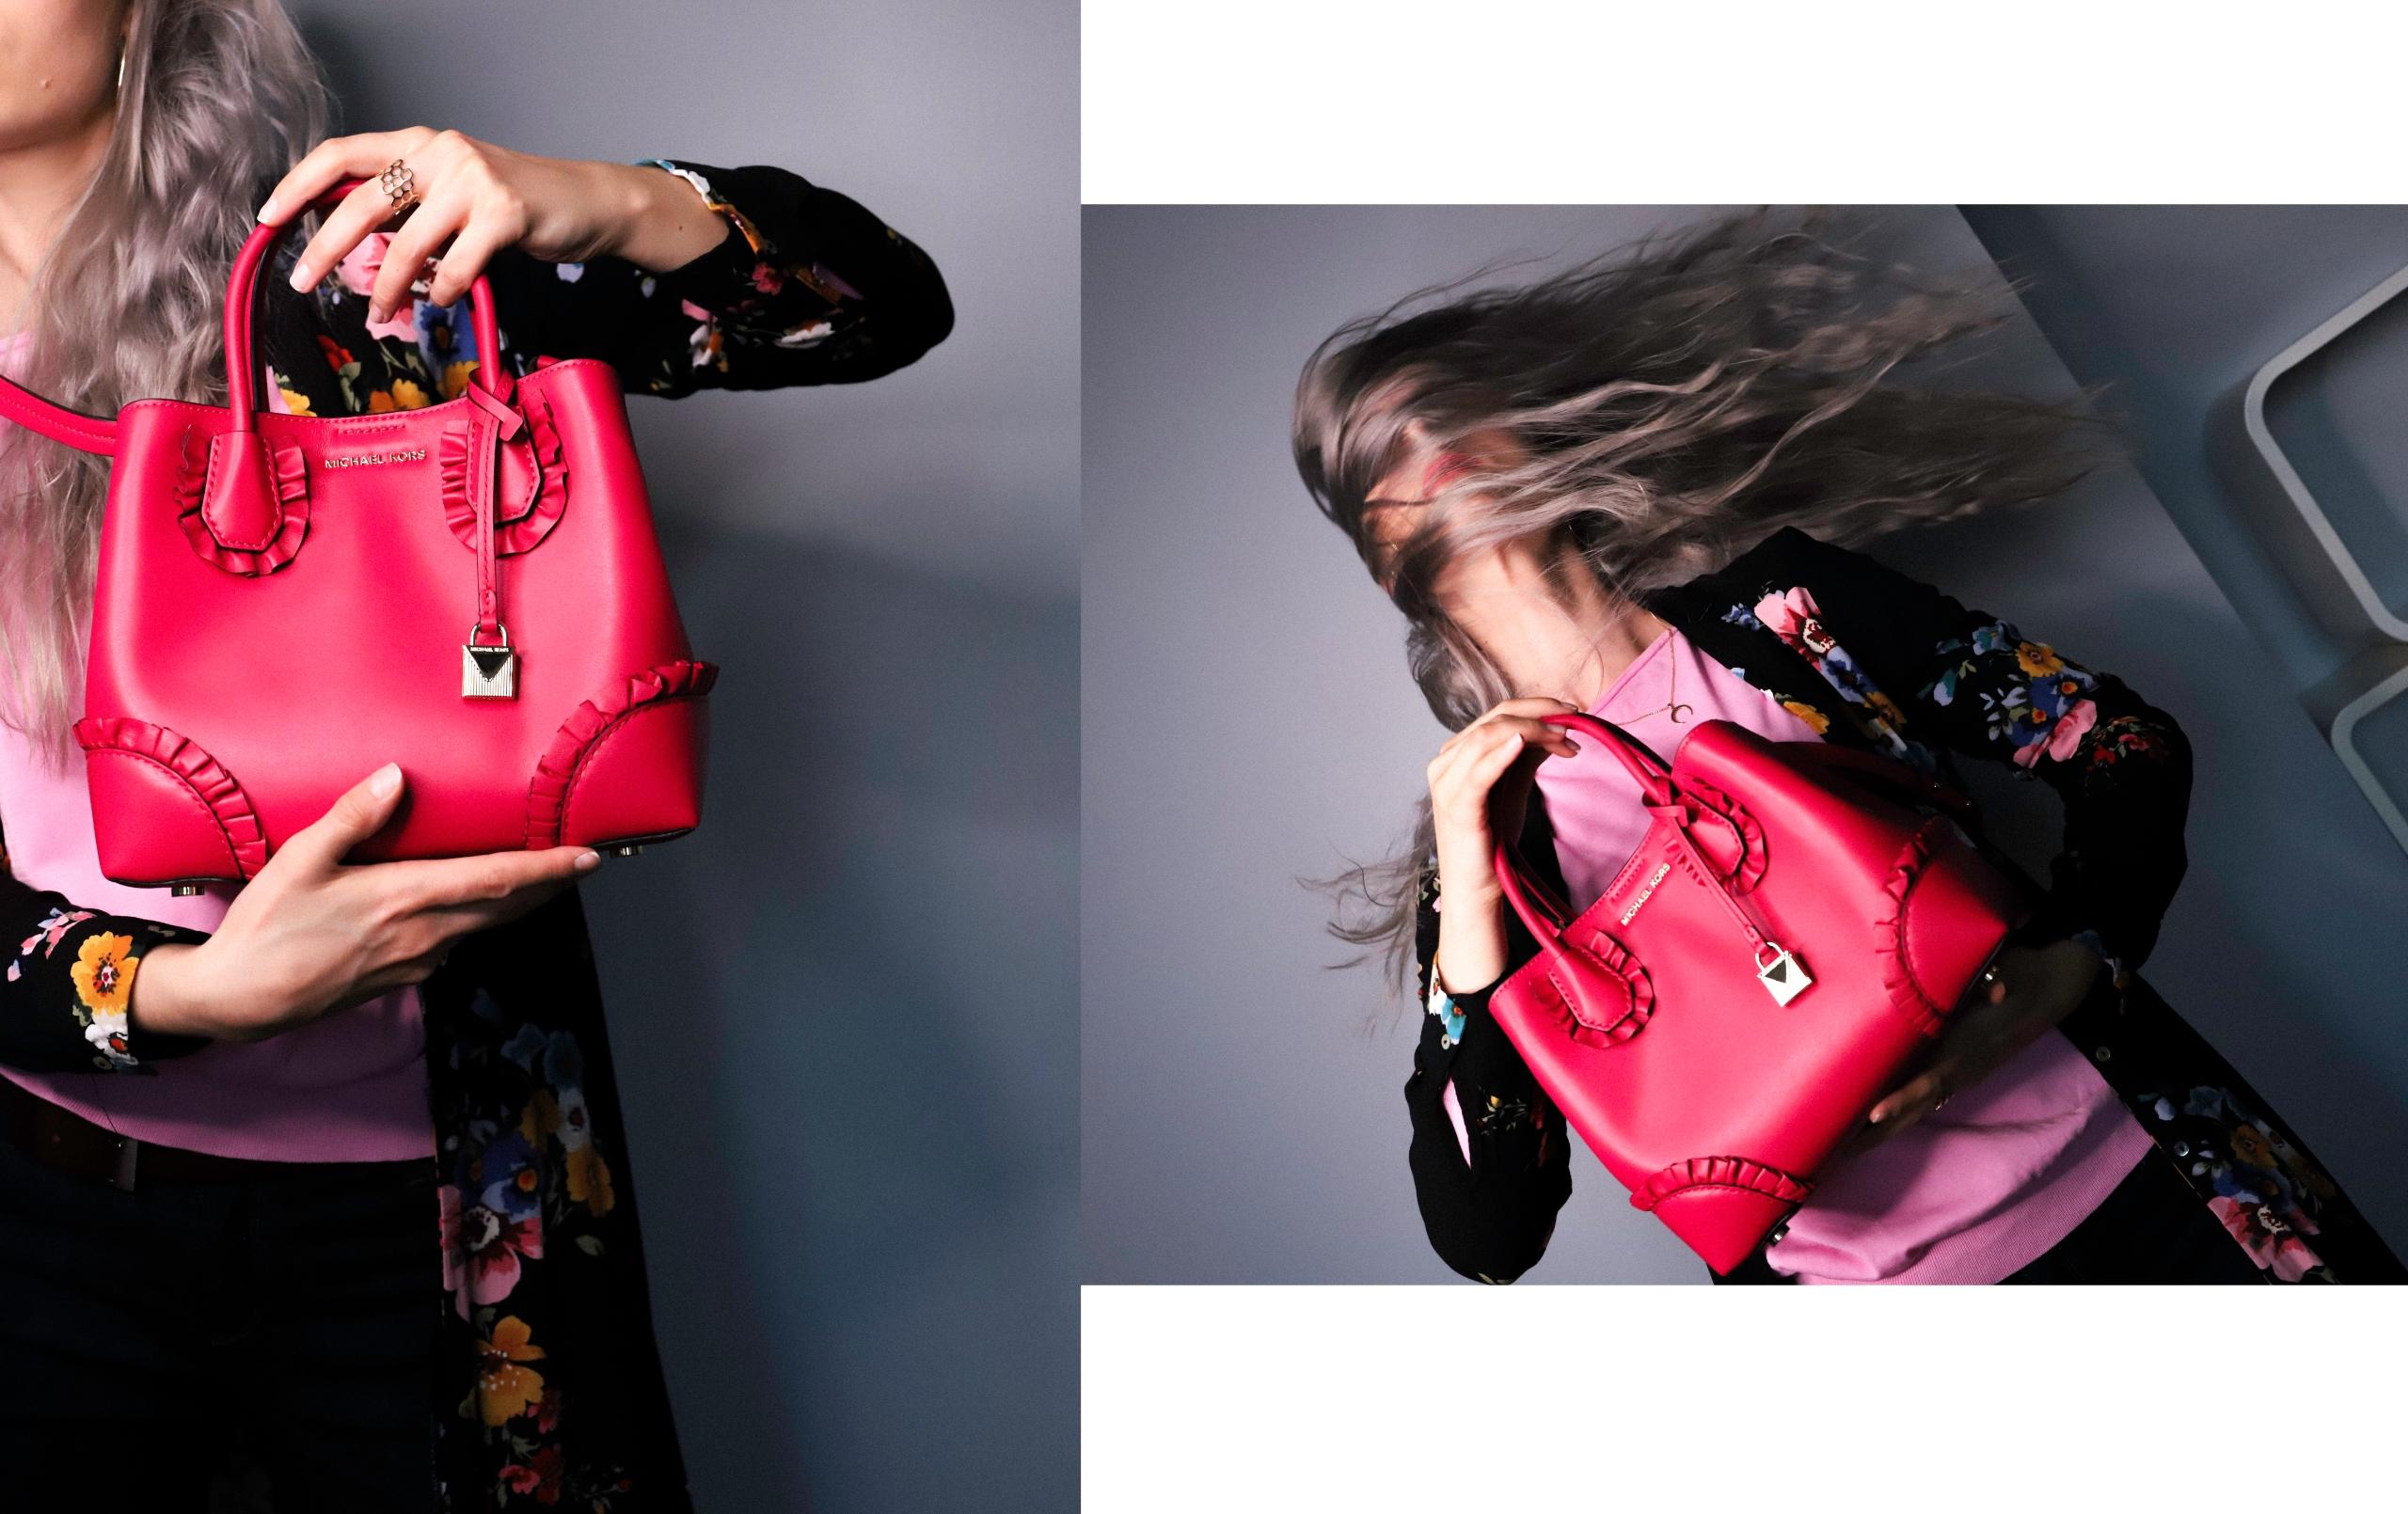 Obraz przedstawia dwa zdjęcie postaci trzymającej różową torebkę. Postać ma na sobie czarną sukienkę w kolorowe kwiaty.